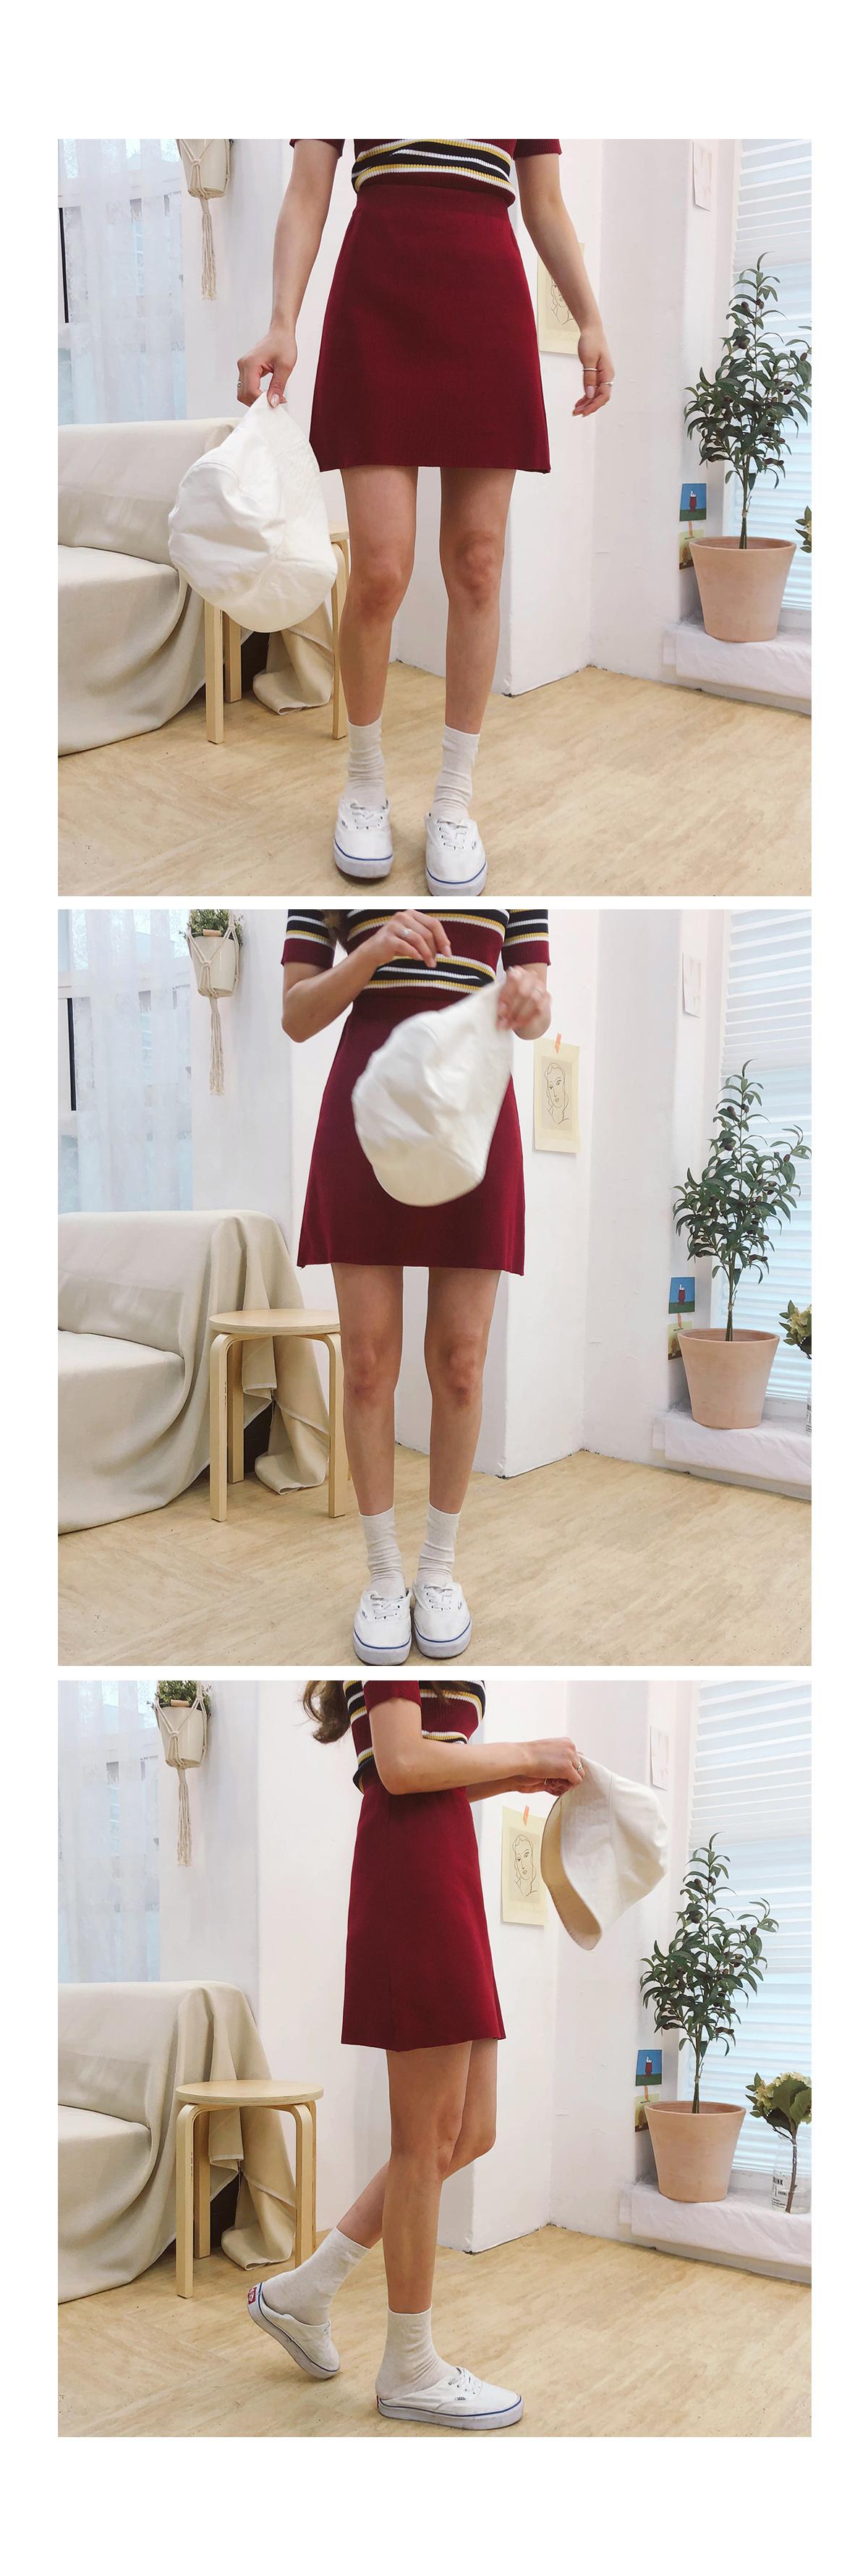 Sand knit & knit skirt